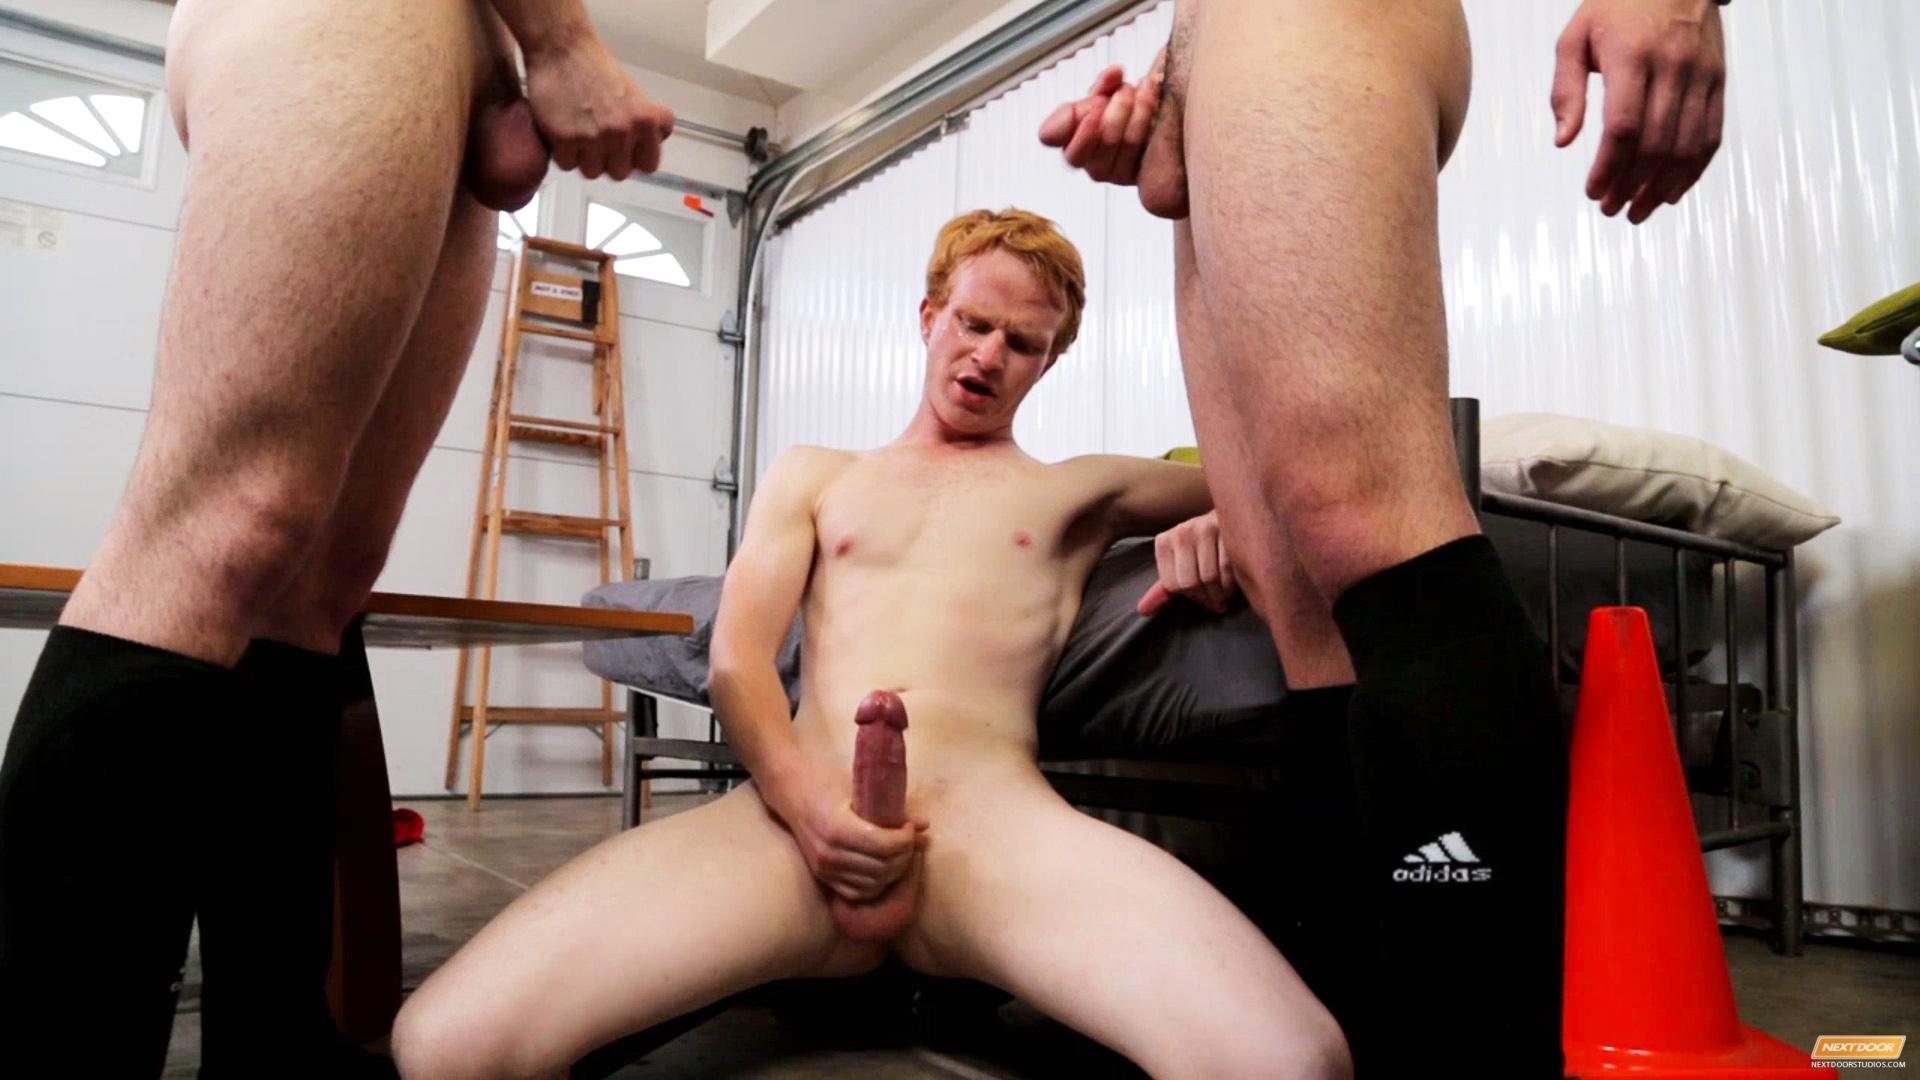 Ginger boy porn